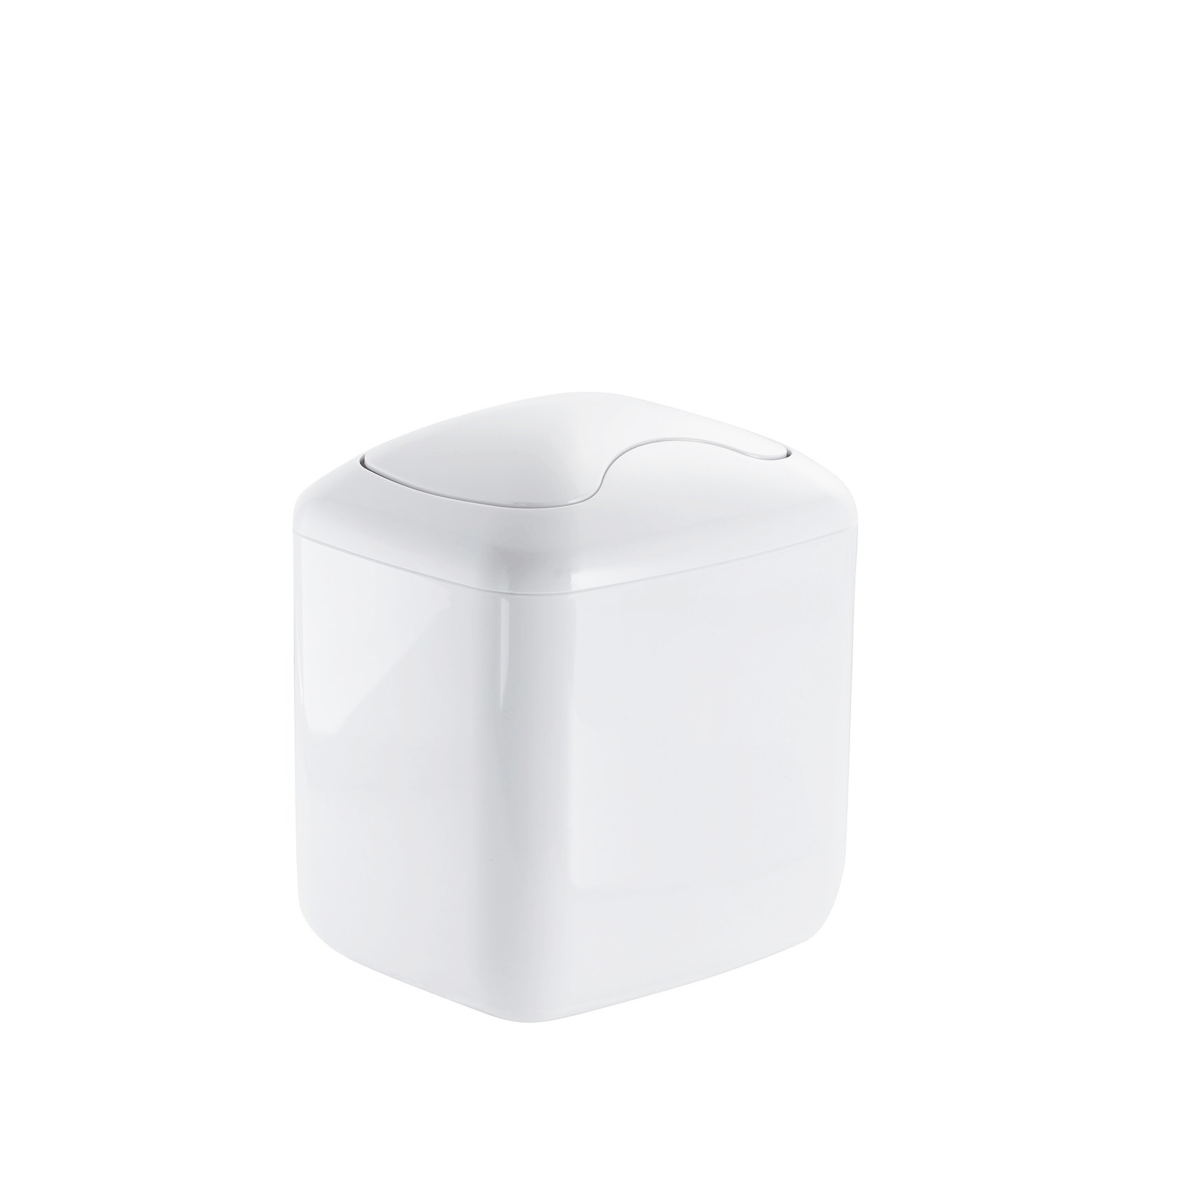 Mini poubelle 2 7 litres salle de bain for Poubelle salle de bain originale